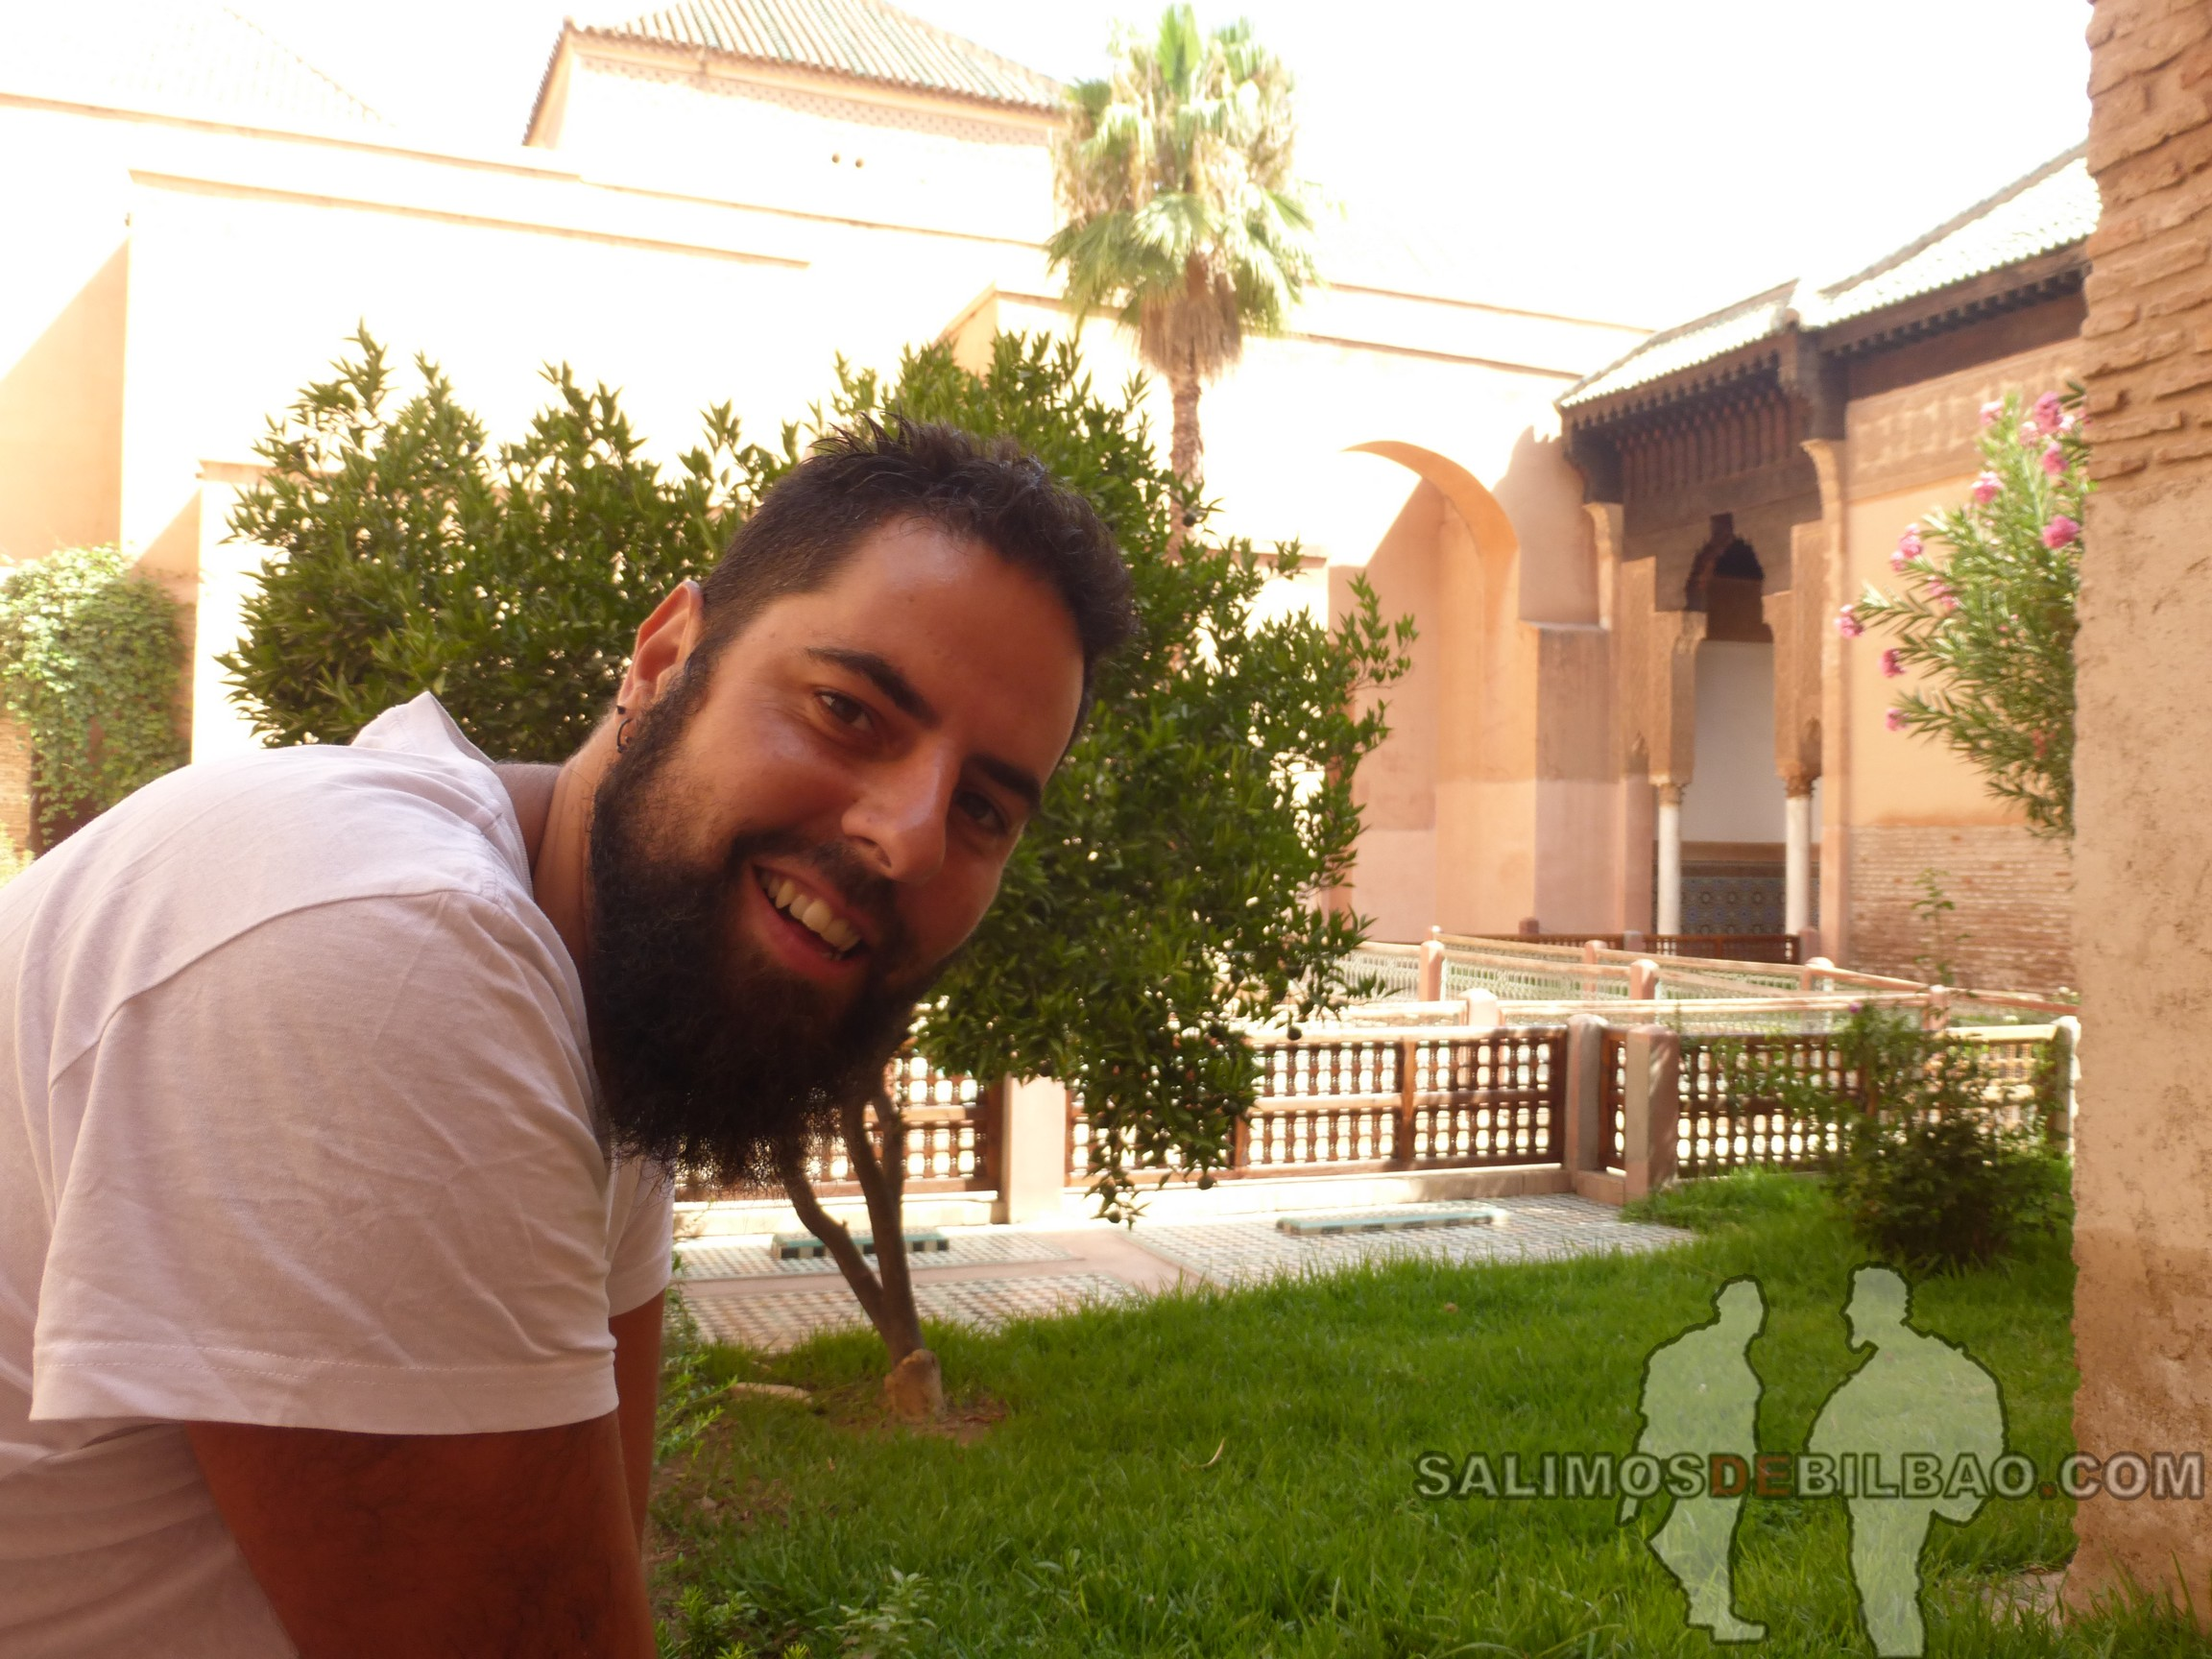 712. Katz, Tumbas saadíes, Marrakech